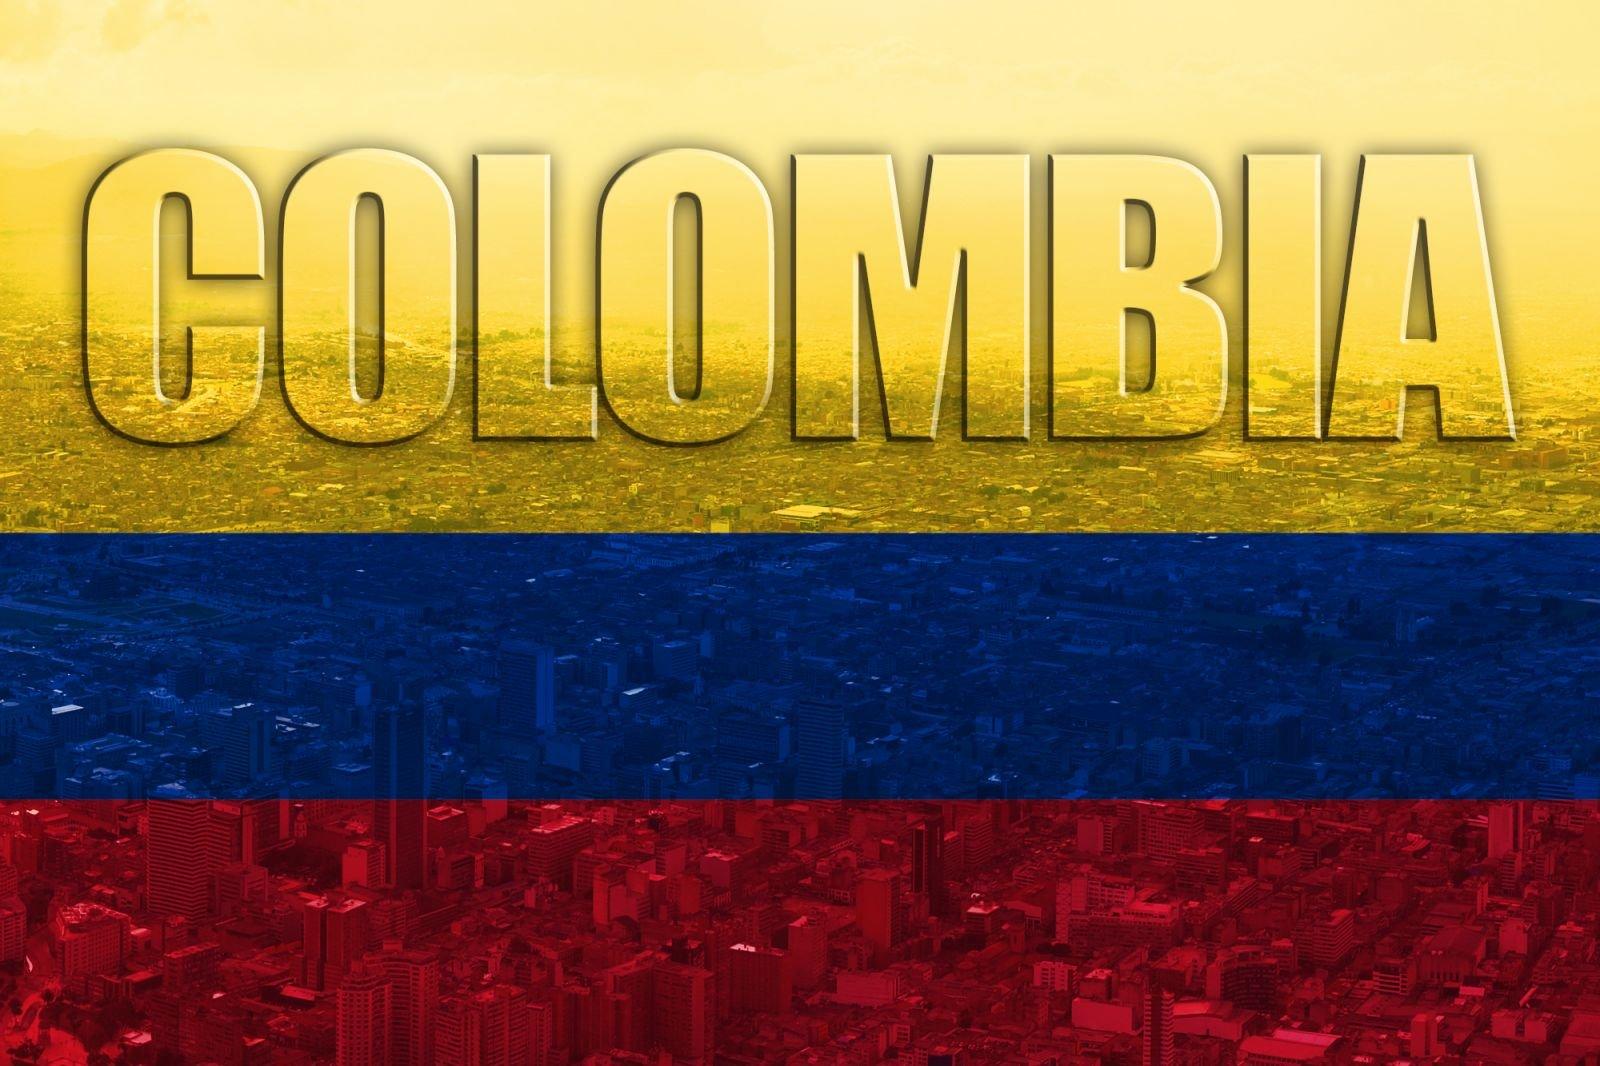 VI Kolumbiya İnvestisiya sammiti keçiriləcək - Səfirlikdən dəvət